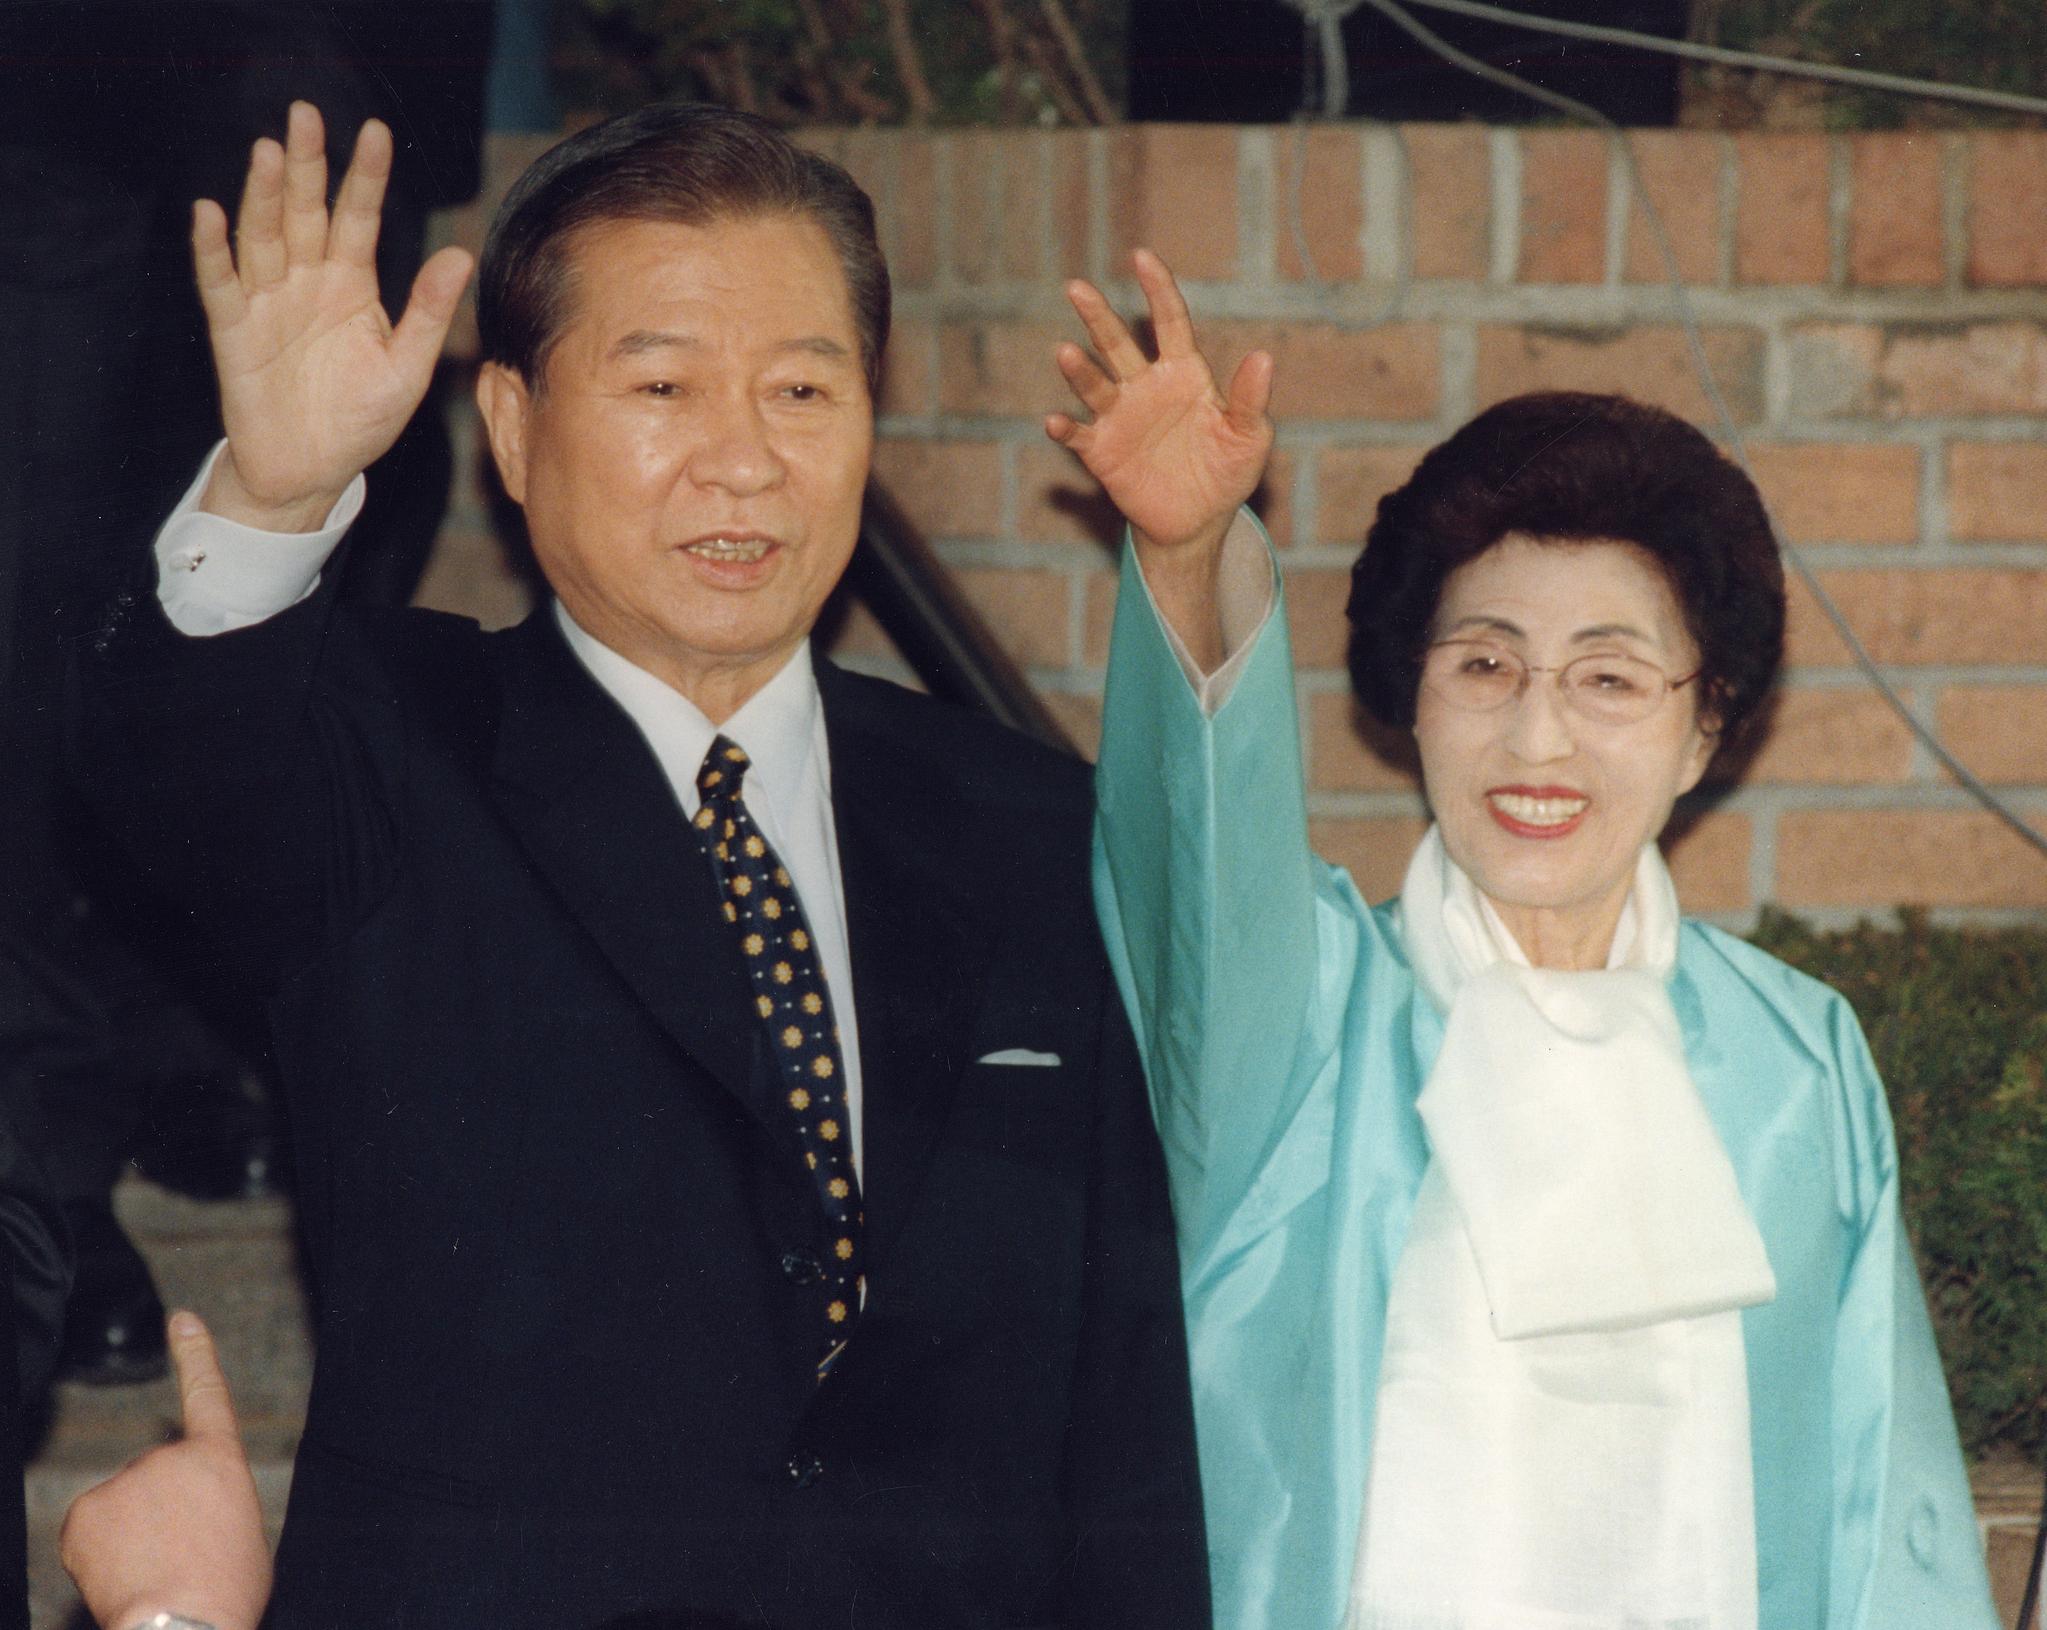 지난 1997년 김대중 대통령당선자와 부인 이희호여사가 일산자택을 나서며 마을주민들과 보도진에게 손을 흔들어 인사하고 있다. 최정동 기자